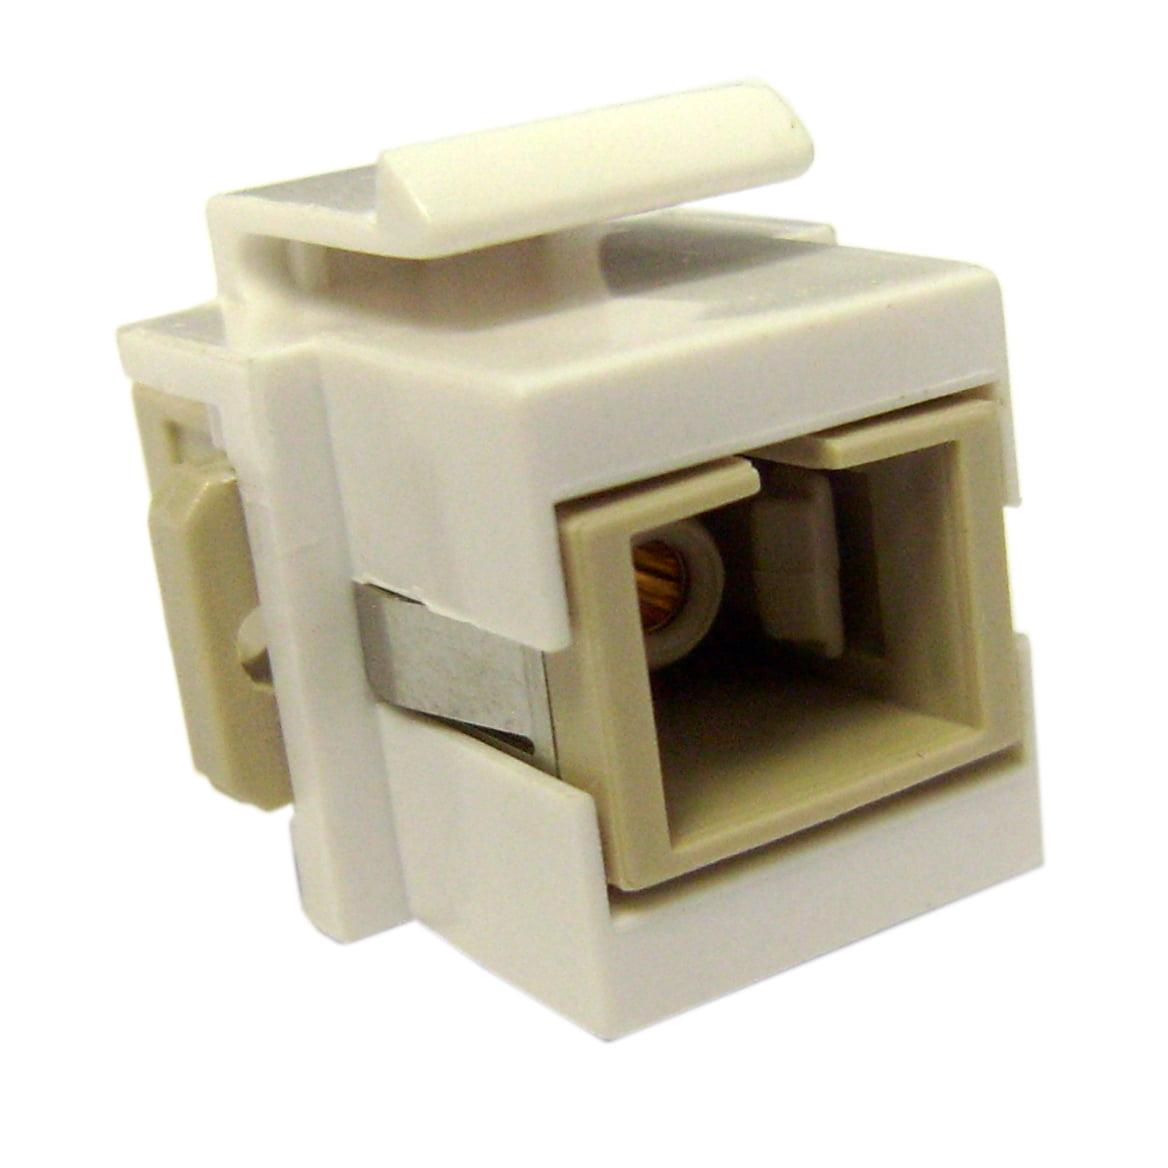 ACCL Keystone SC Fiber Optic Network Coupler, White, 5pk